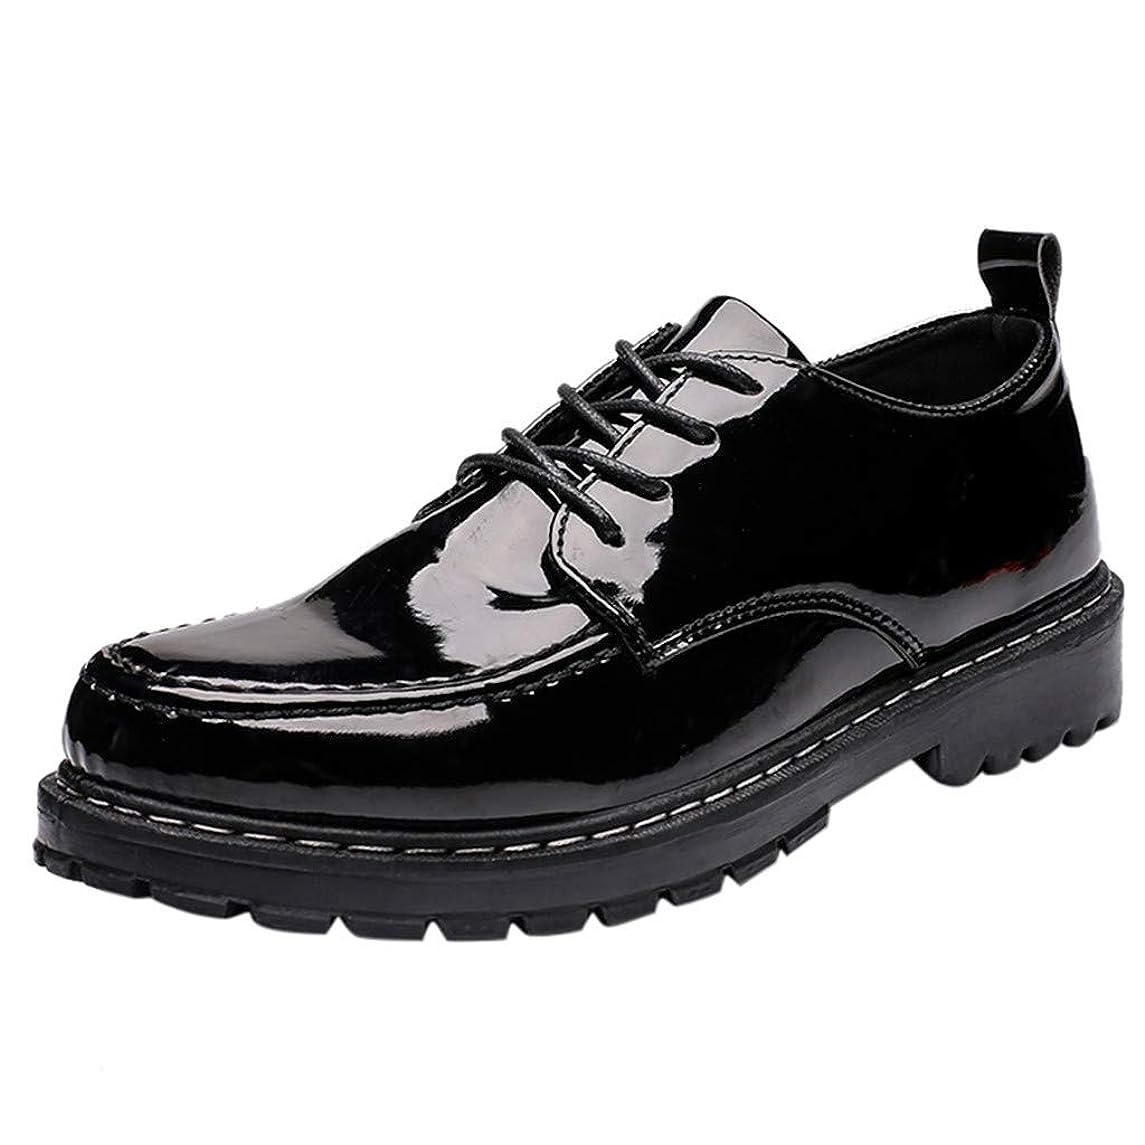 母音札入れ真実にEldori 革靴 リーガル ビジネスシューズ メンズ 靴 メッシュ メダリオン ウイングチップ 通気 メンズ ビジネスシューズ 紳士靴 レースアップカジュアル カジュアルシューズ メンズシューズ オールシーズン 就活 通勤